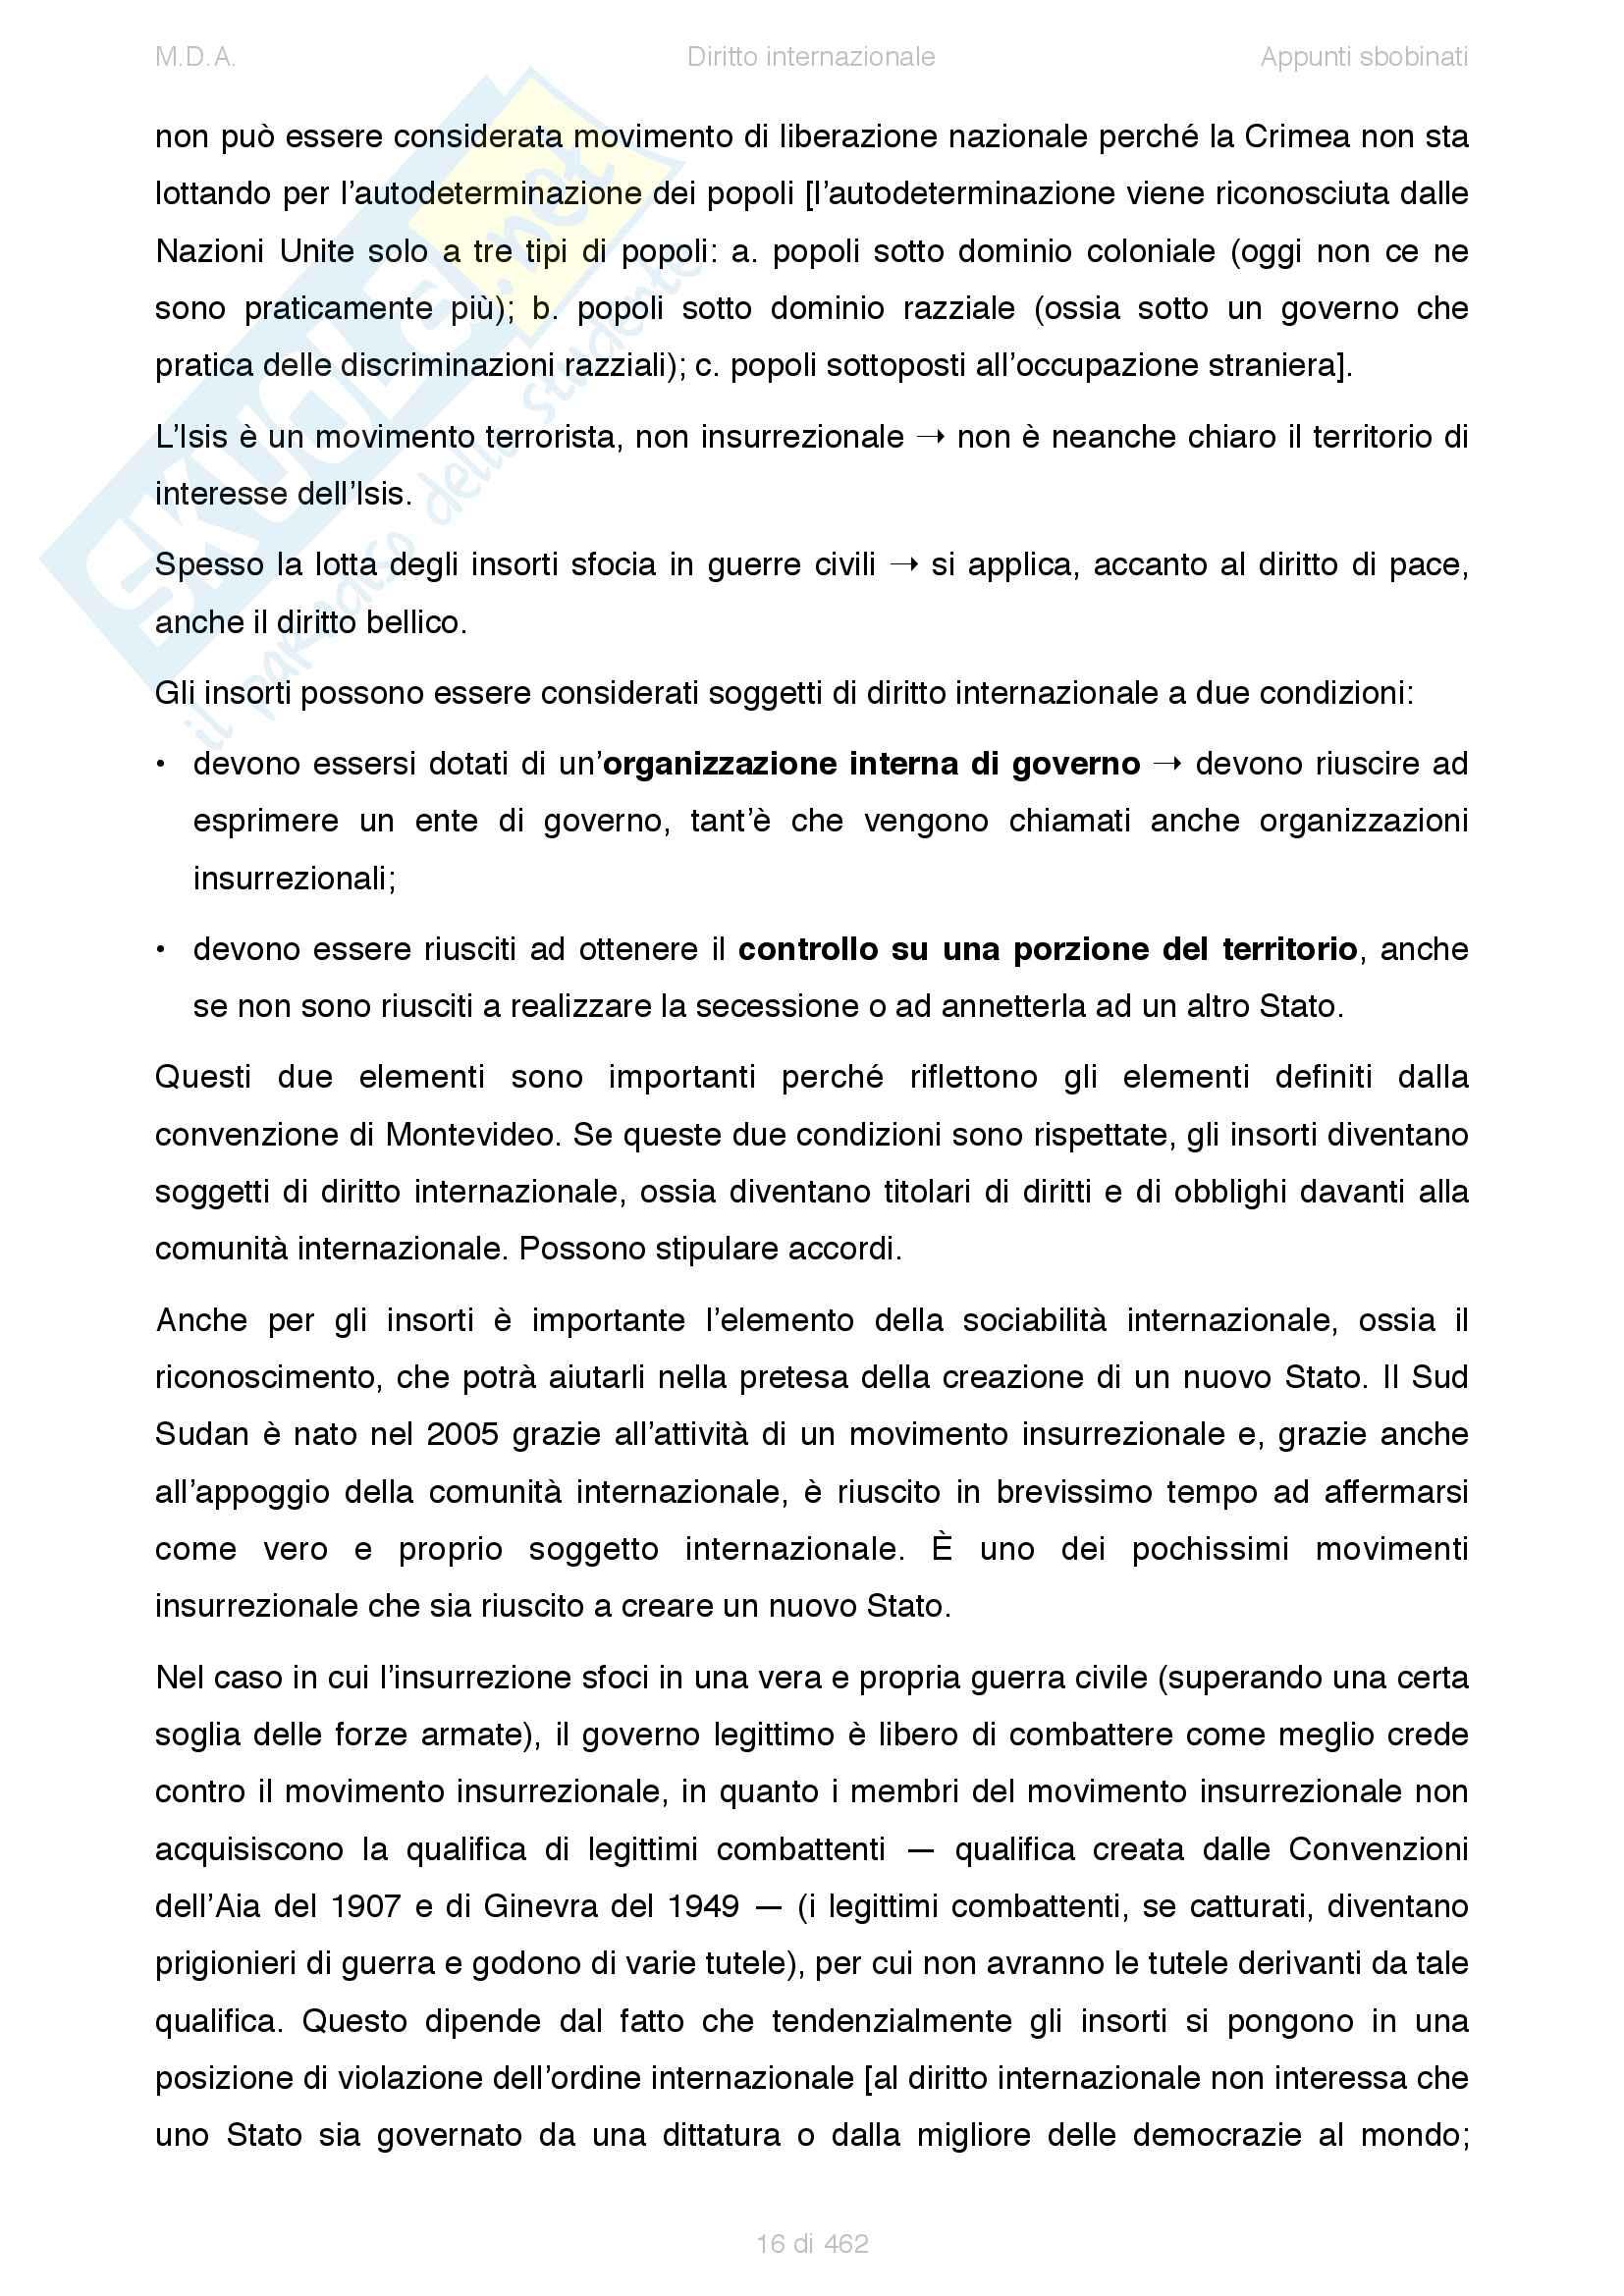 Appunti di Diritto internazionale (2015) - prof. Sciso E. Pag. 16